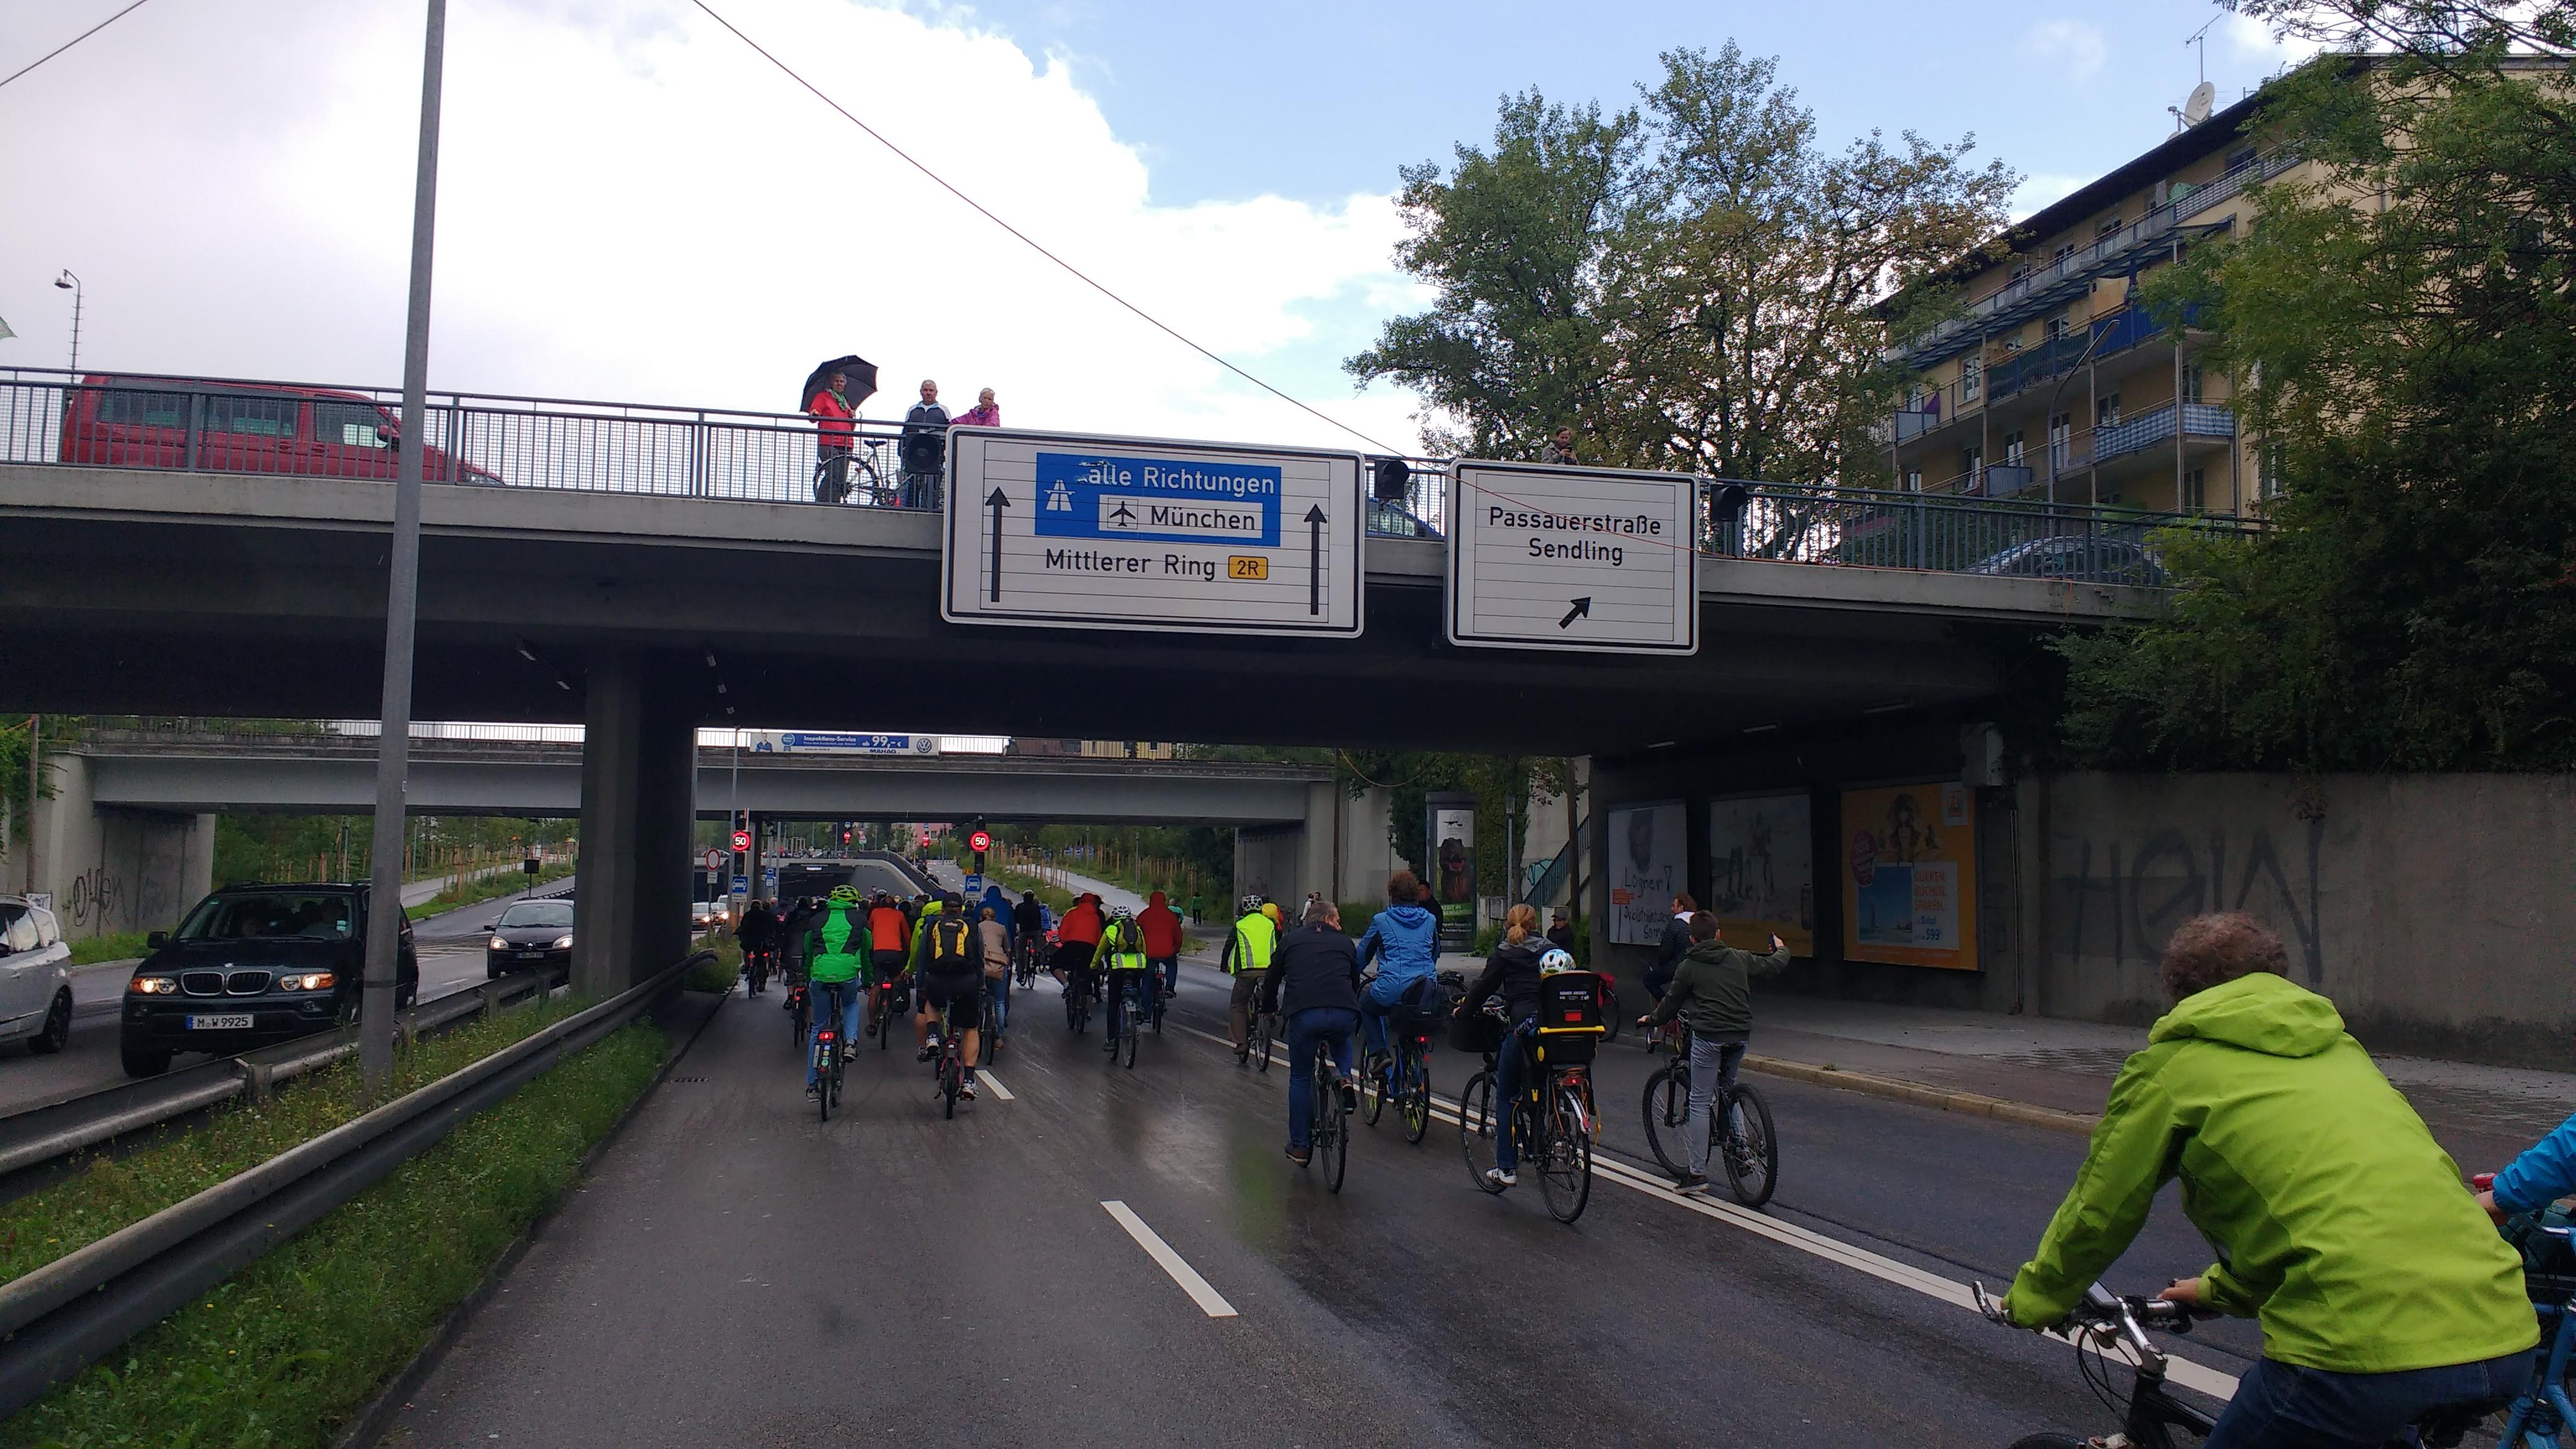 Radfahrer auf dem Mittleren Ring. Leute auf einer Brücke klatschen.